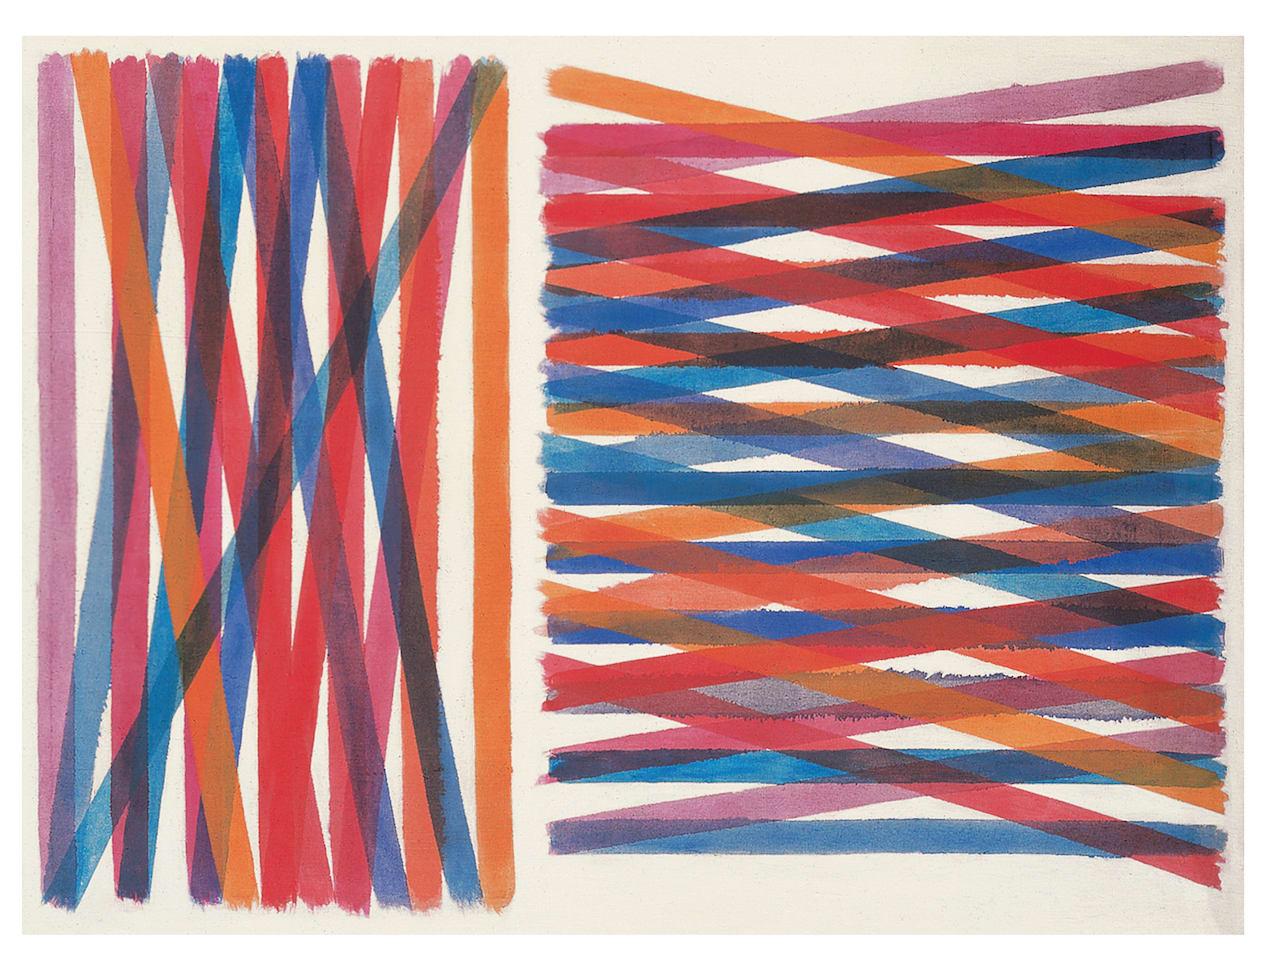 """<span class=""""link fancybox-details-link""""><a href=""""/artists/45-piero-dorazio/works/661-piero-dorazio-un-paso-deslumbrador-1963/"""">View Detail Page</a></span><div class=""""artist""""><strong>Piero Dorazio</strong></div> <div class=""""title""""><em>Un paso deslumbrador </em>, 1963</div> <div class=""""medium"""">oil on canvas</div> <div class=""""dimensions"""">cm 95x128 </div>"""